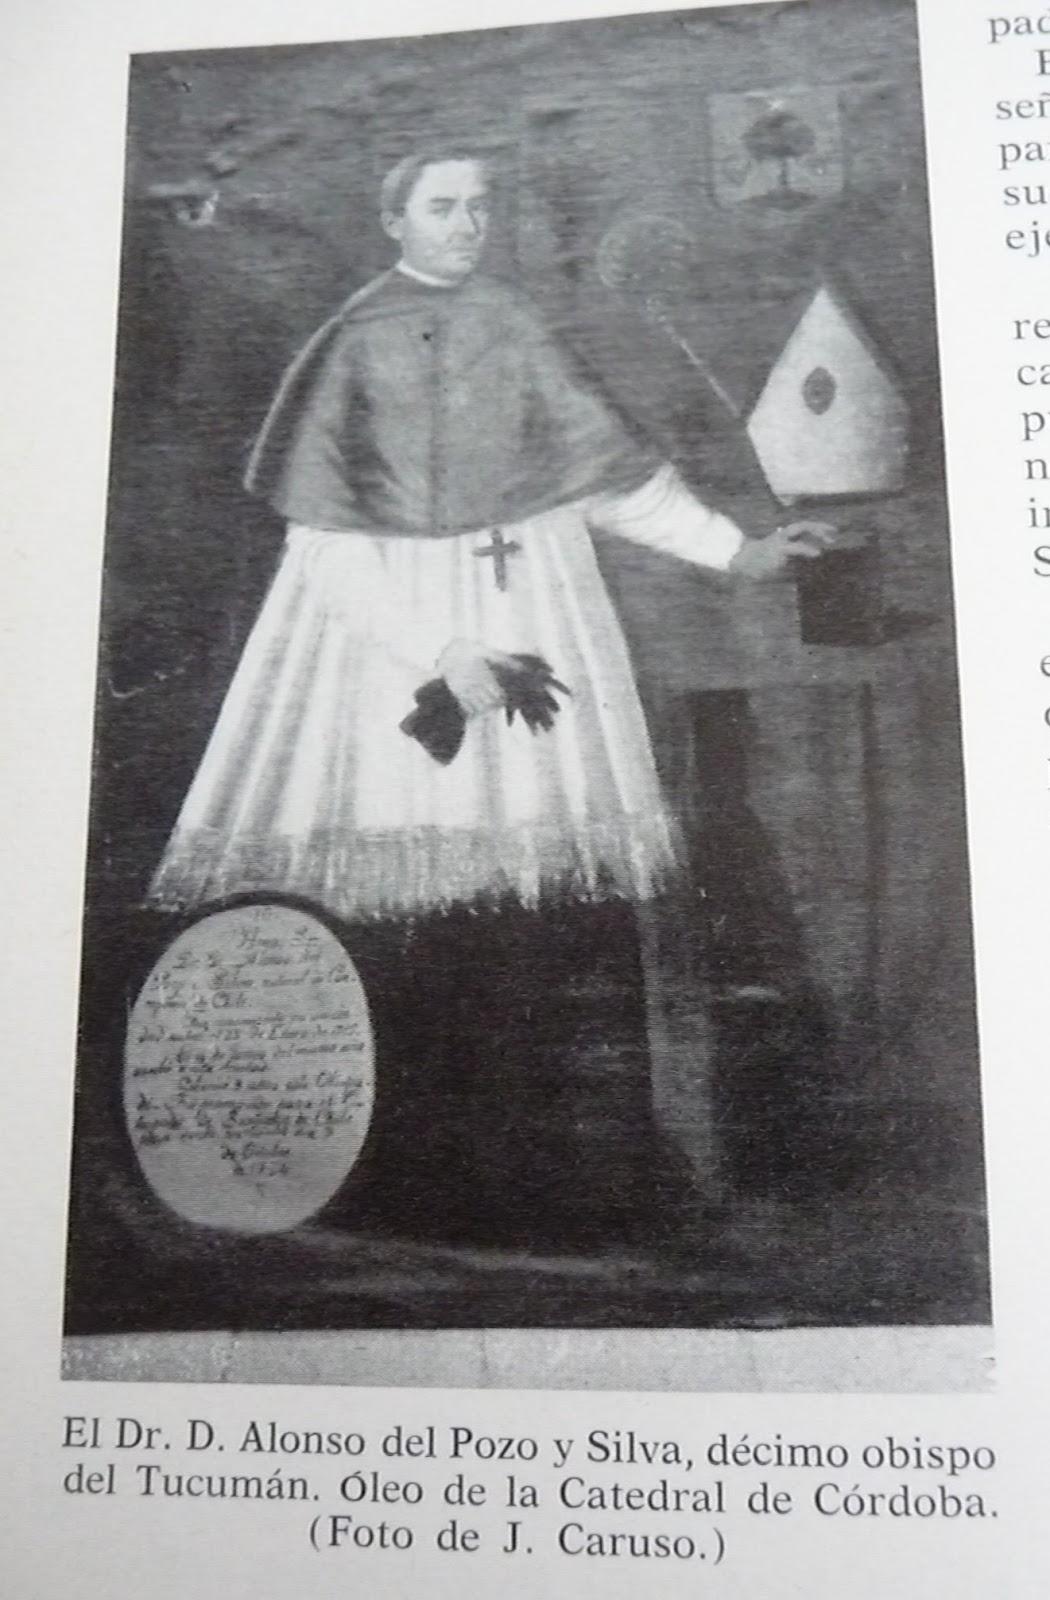 Resultado de imagen de Alonso del Pozo y Silva obispo